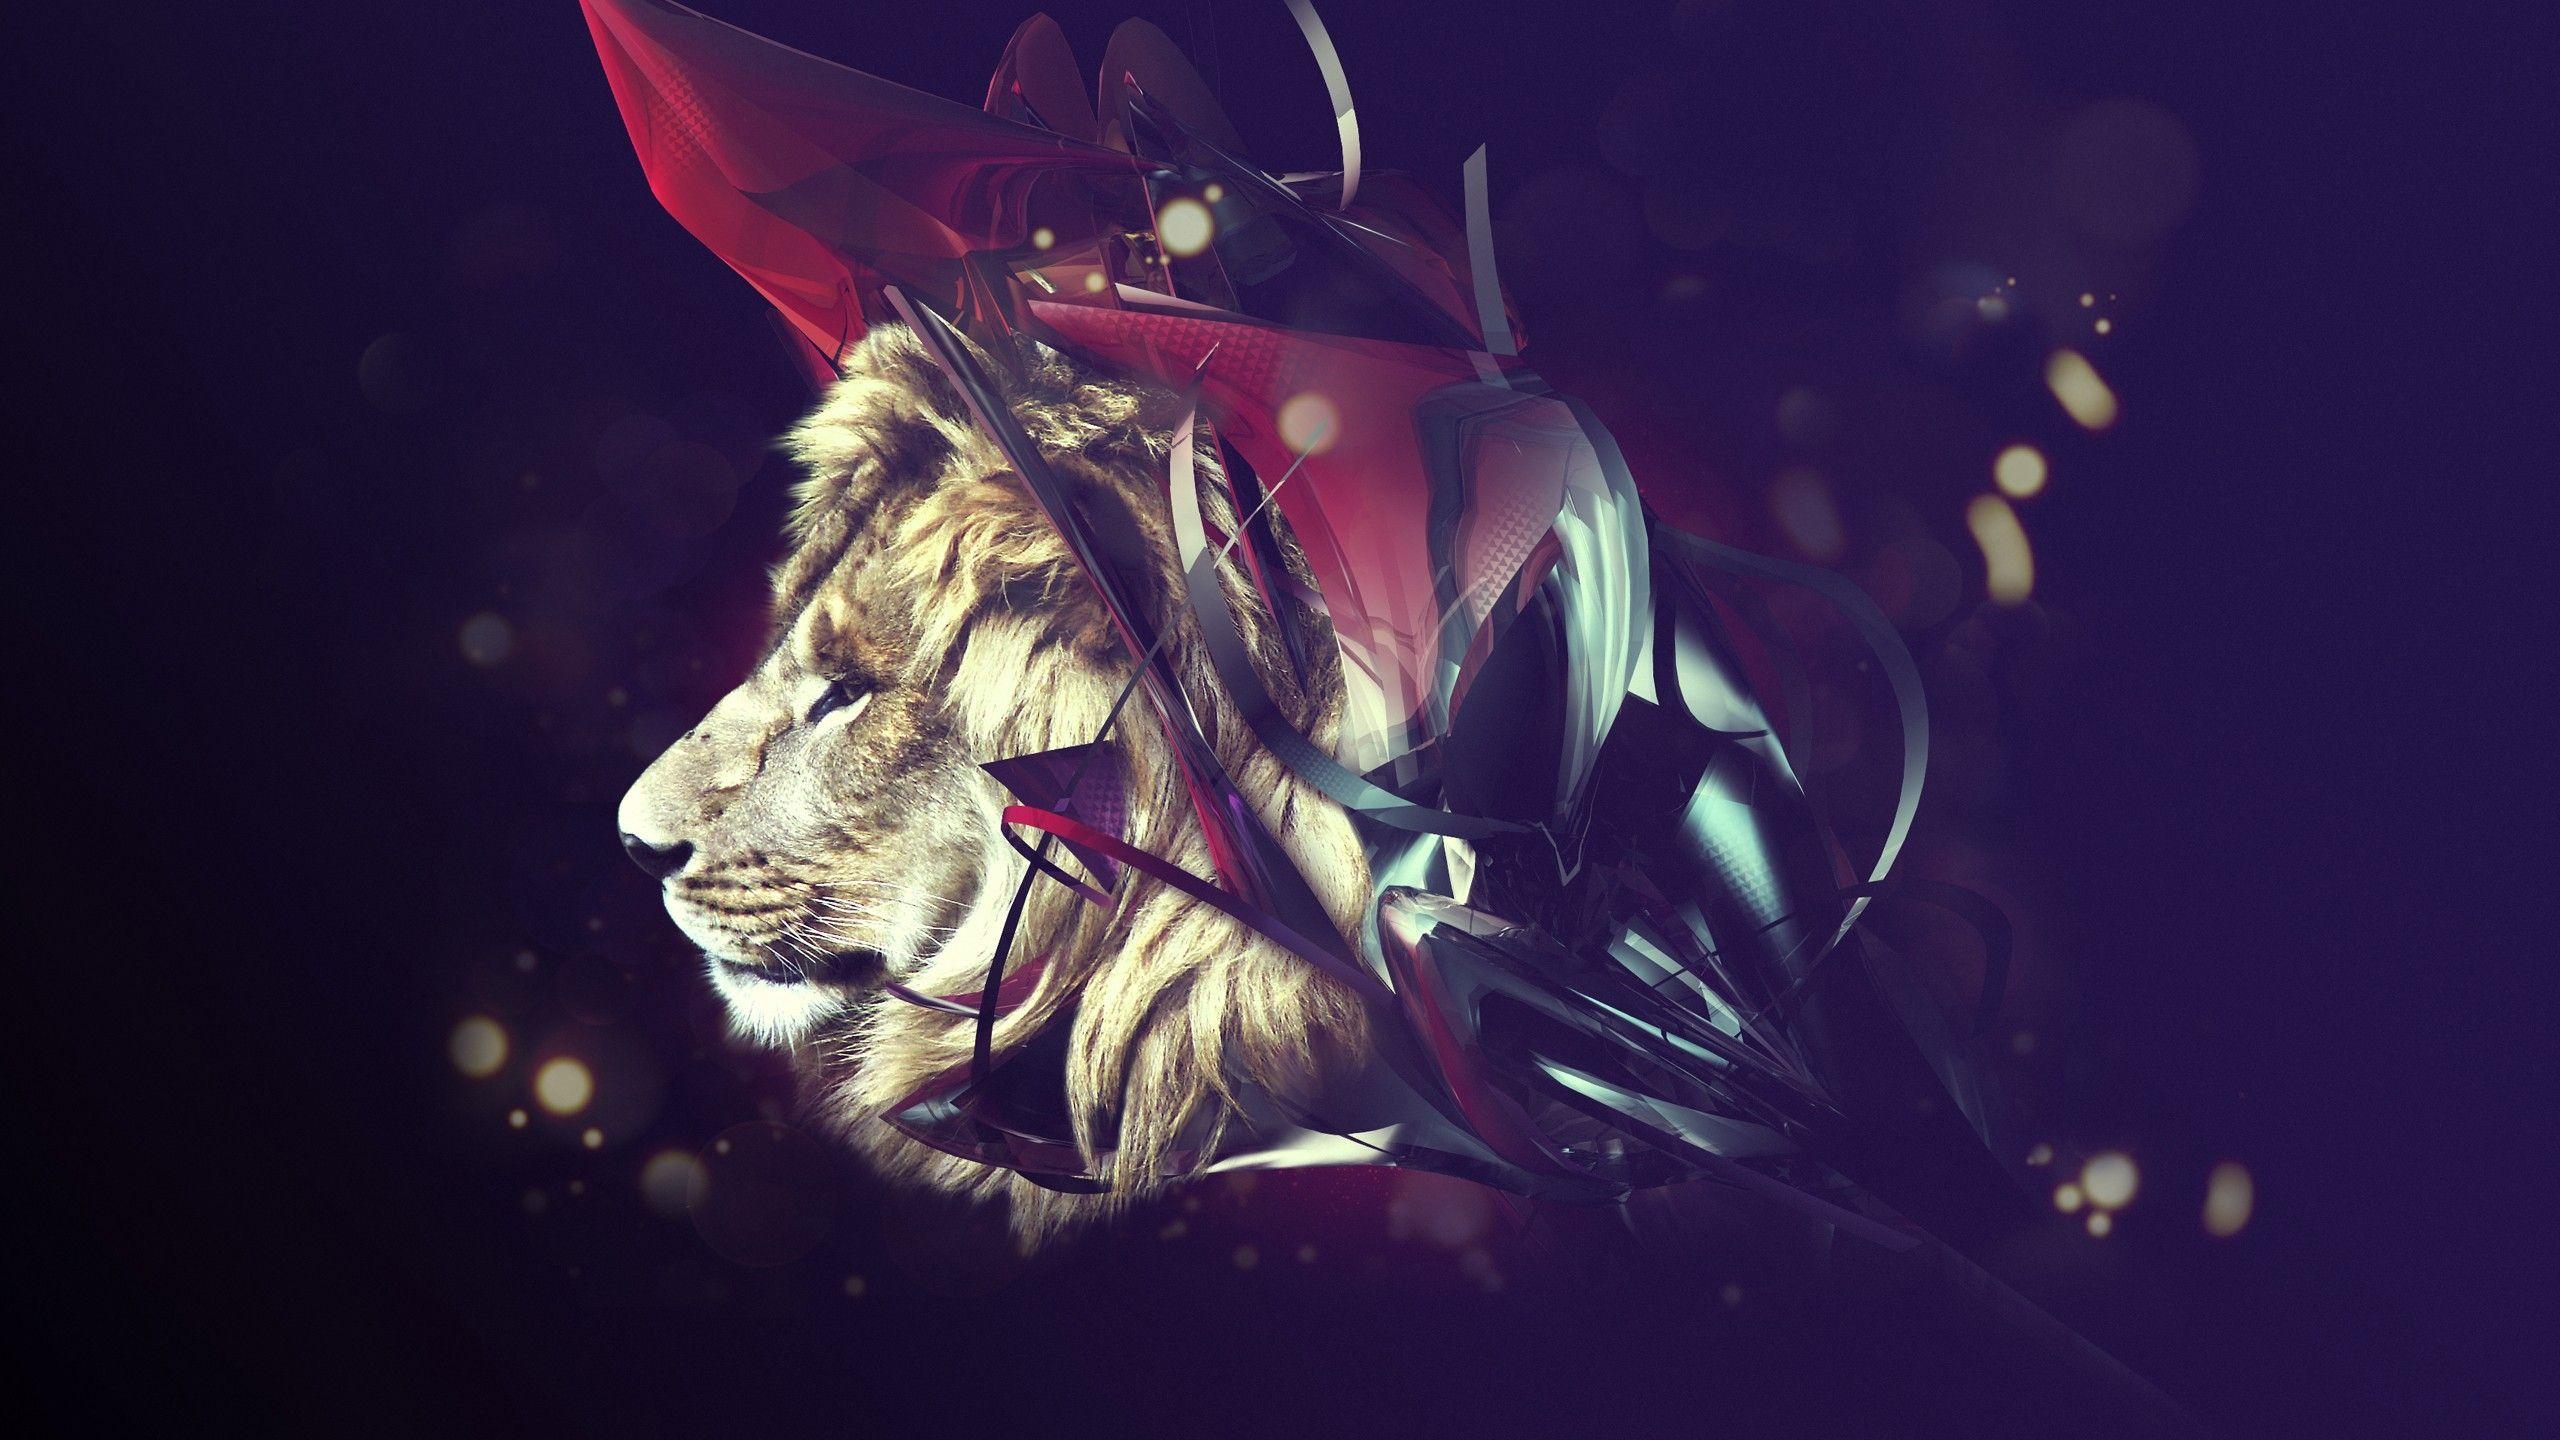 mac lion wallpaper hd free download